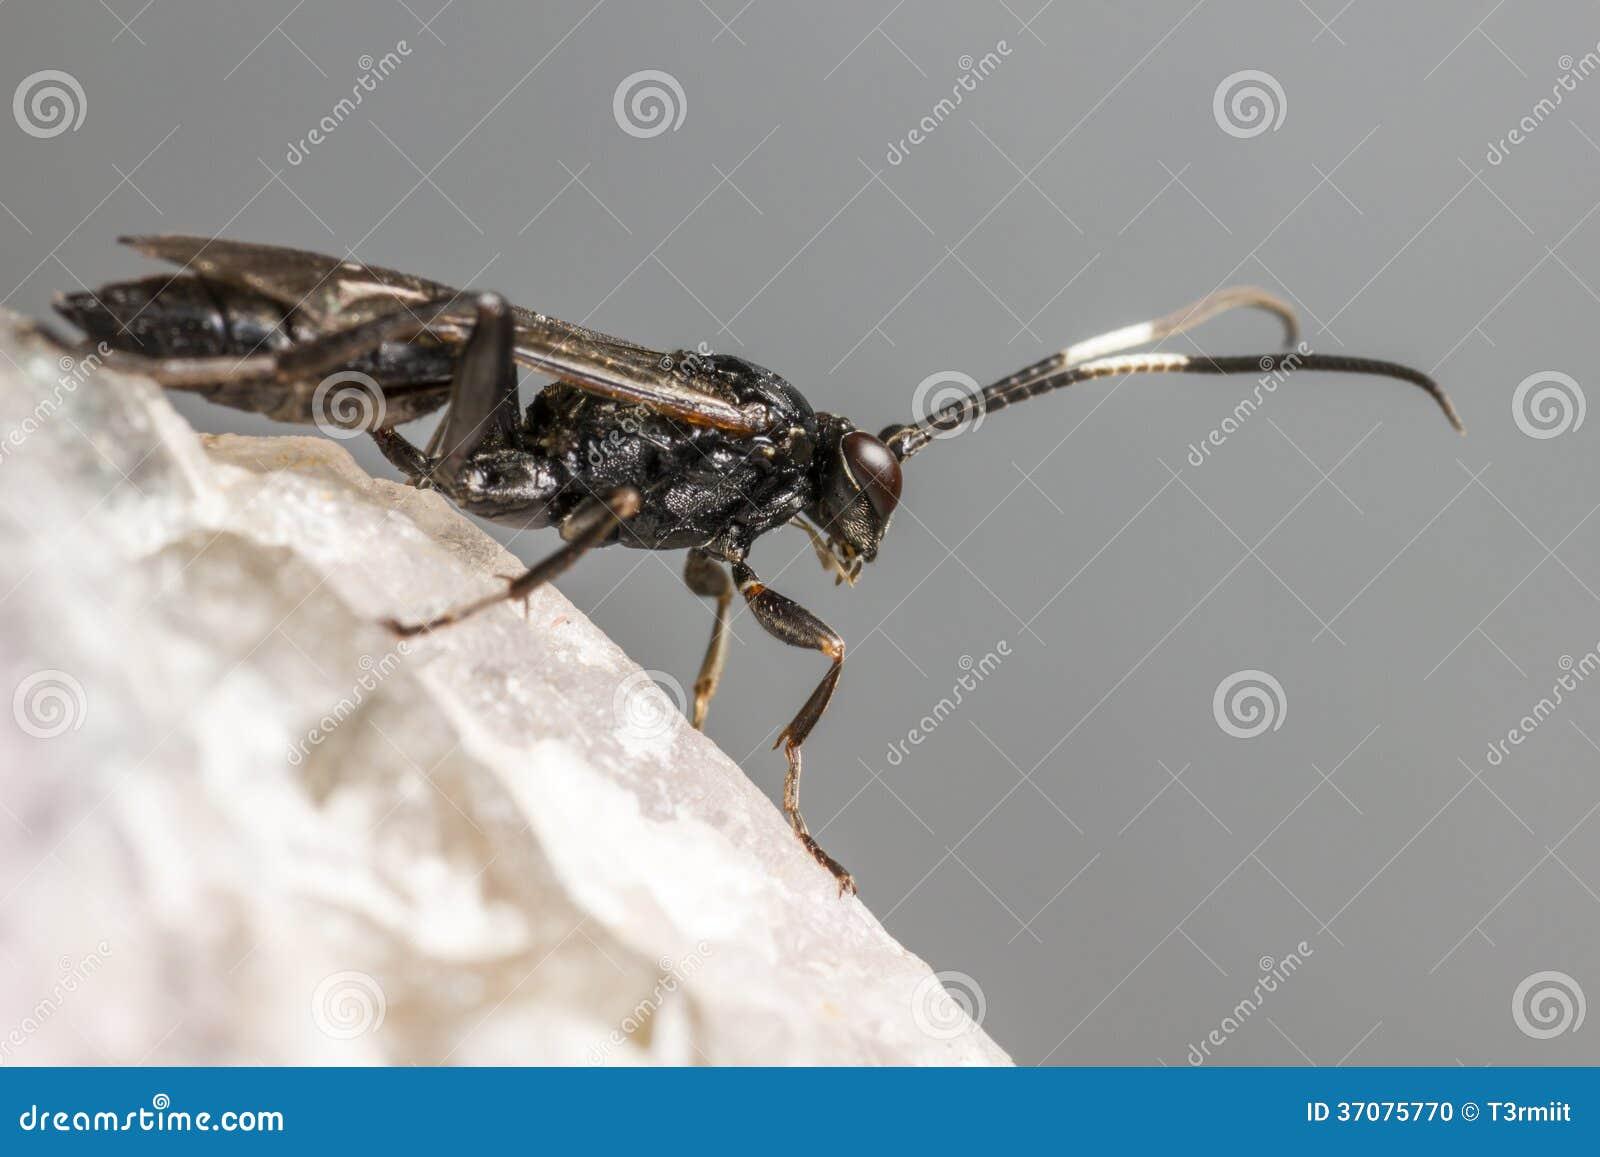 Download Gąsienicznik Osa (Coelichneumon Altówka) Zdjęcie Stock - Obraz złożonej z natura, tło: 37075770